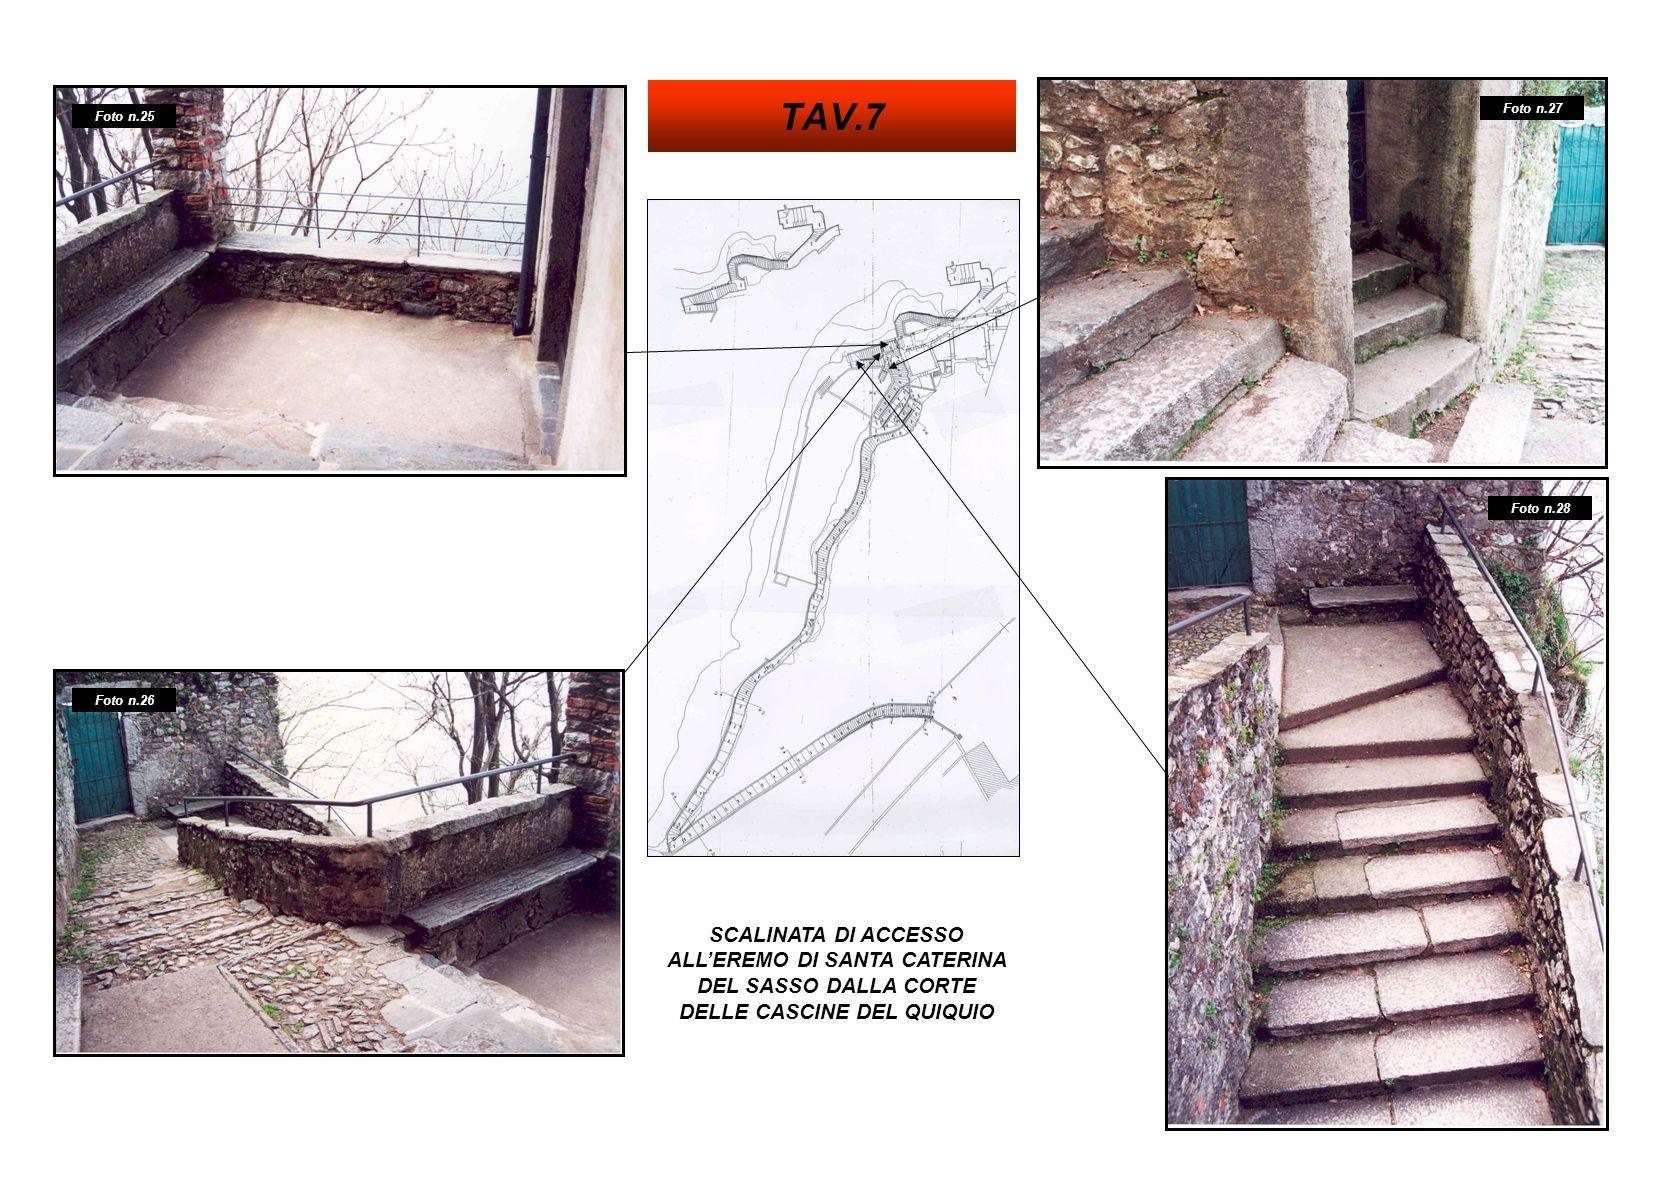 INIZIO DELLA SCALINATA DI ACCESSO ALLEREMO DI SANTA CATERINA DEL SASSO DALLA CORTE DELLE CASCINE DEL QUIQUIO Foto n.32 Foto n.30 Foto n.31 Foto n.29 TAV.8